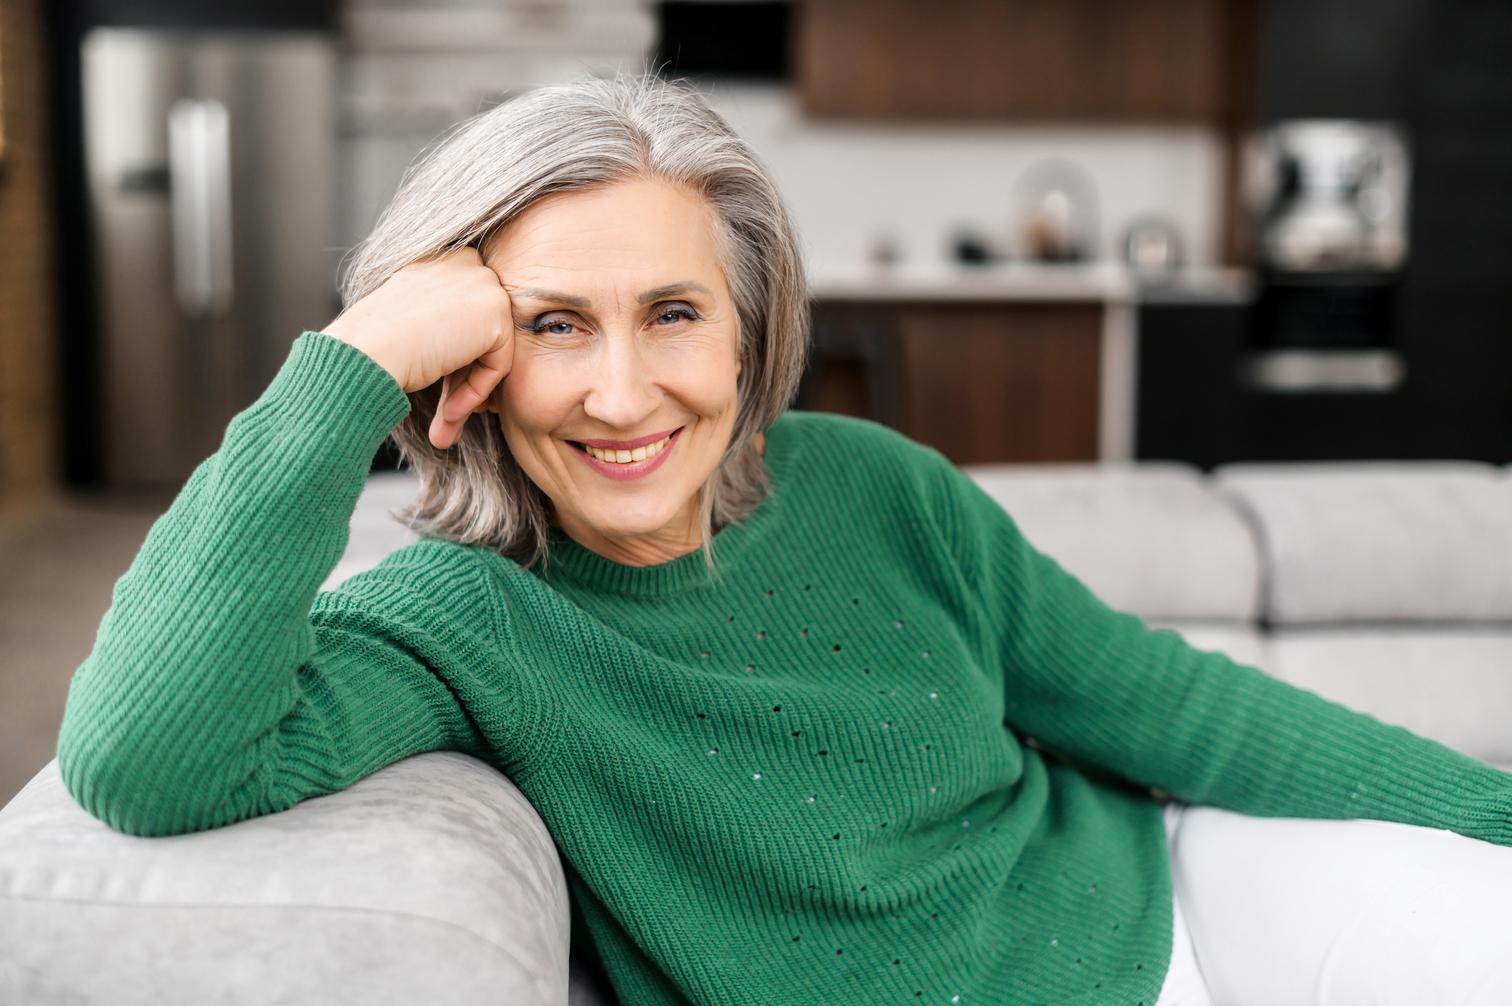 Ältere Dame im grünen Pullover sitzt auf dem Sofa und lächelt in die Kamera